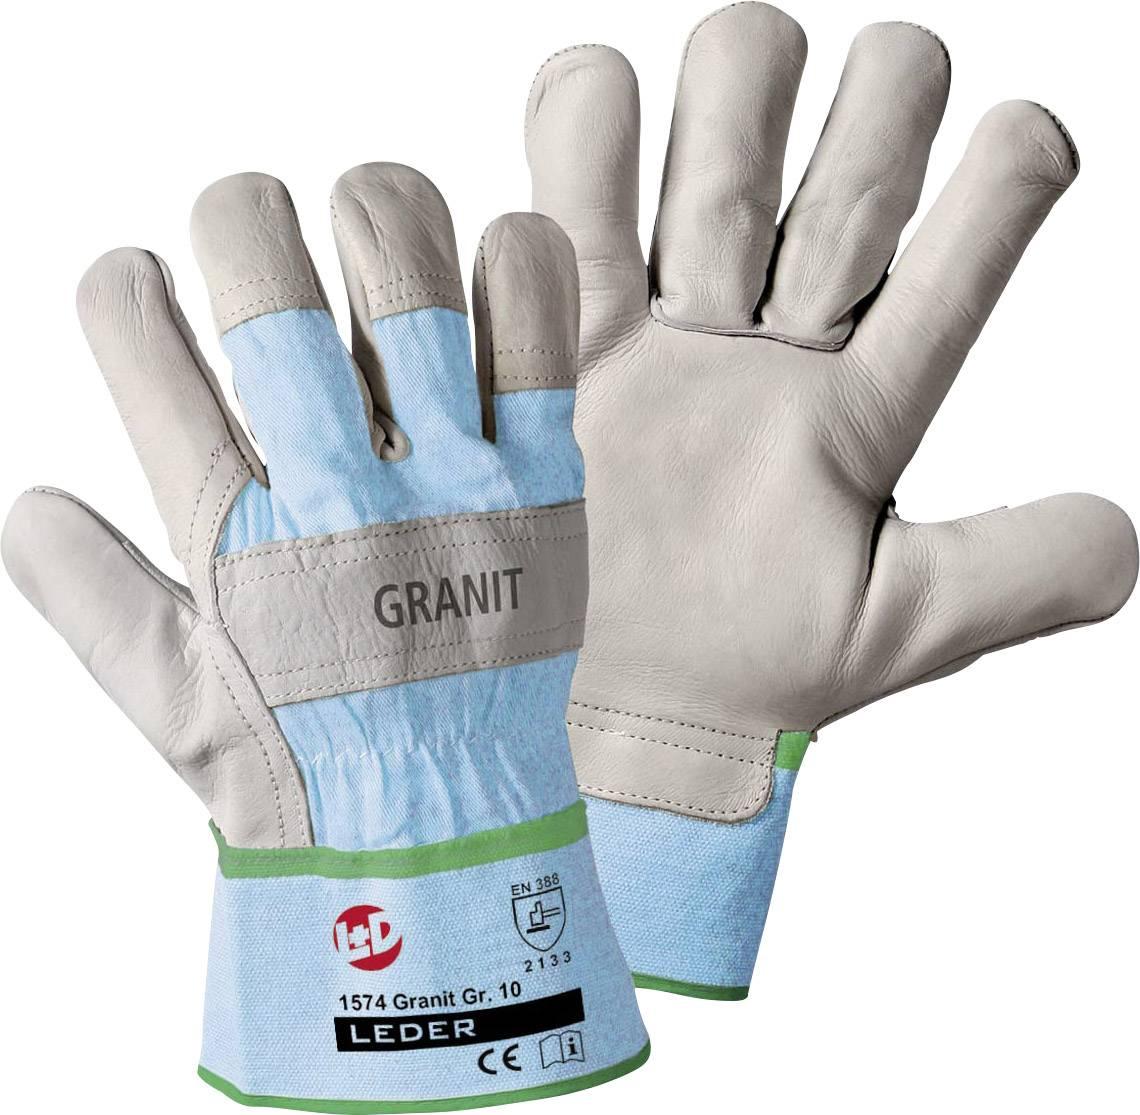 Pracovné rukavice worky Granit 1574, velikost rukavic: 10, XL